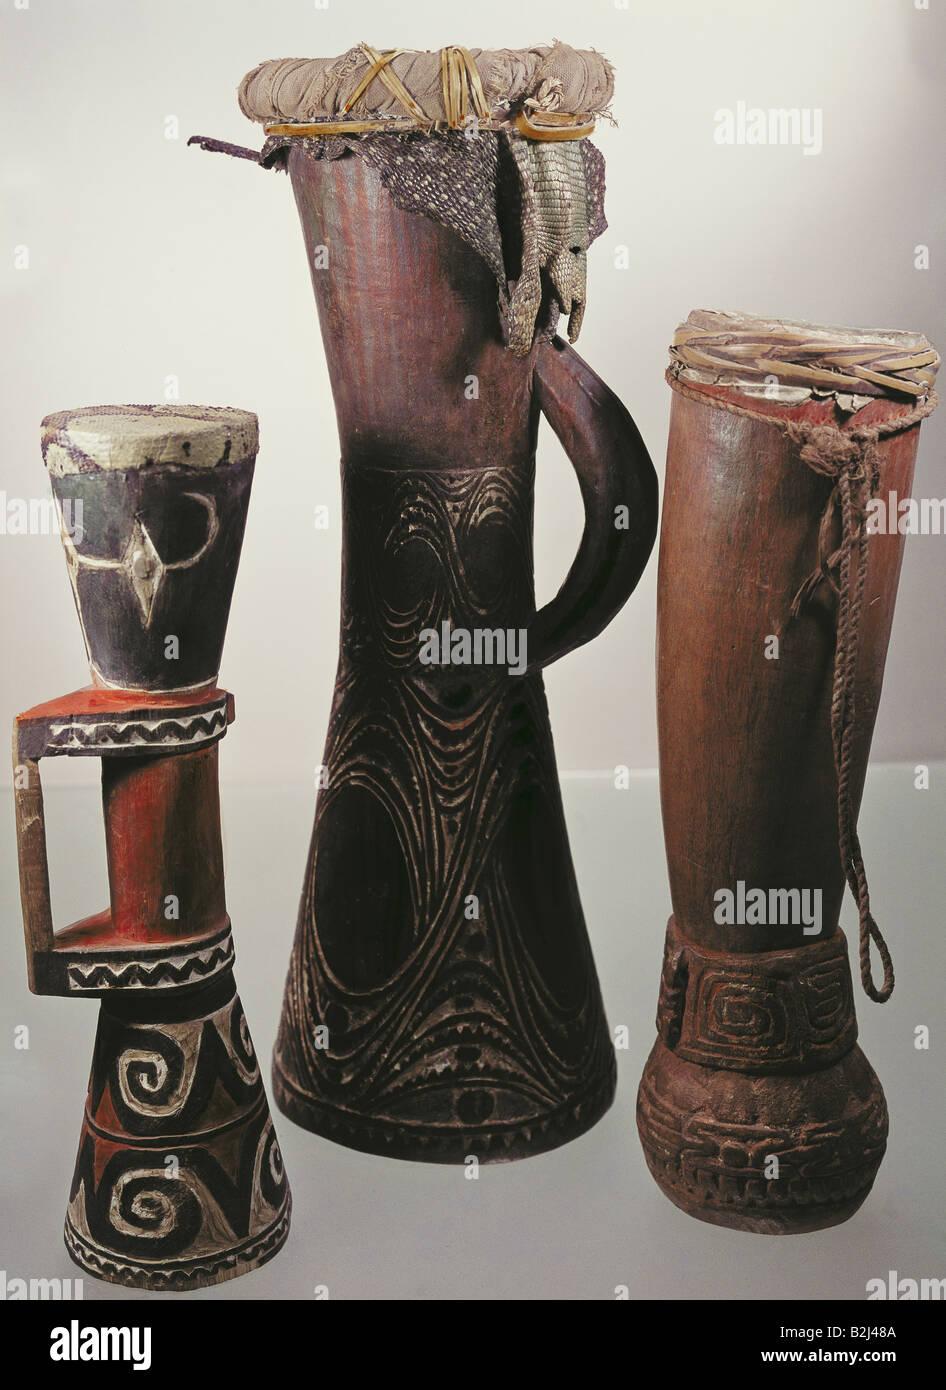 Musica, strumenti, tre di clessidra-tamburi sagomato, legno, ornata, dipinti, iguana pelle, snakeskin, Nuova Guinea, Immagini Stock